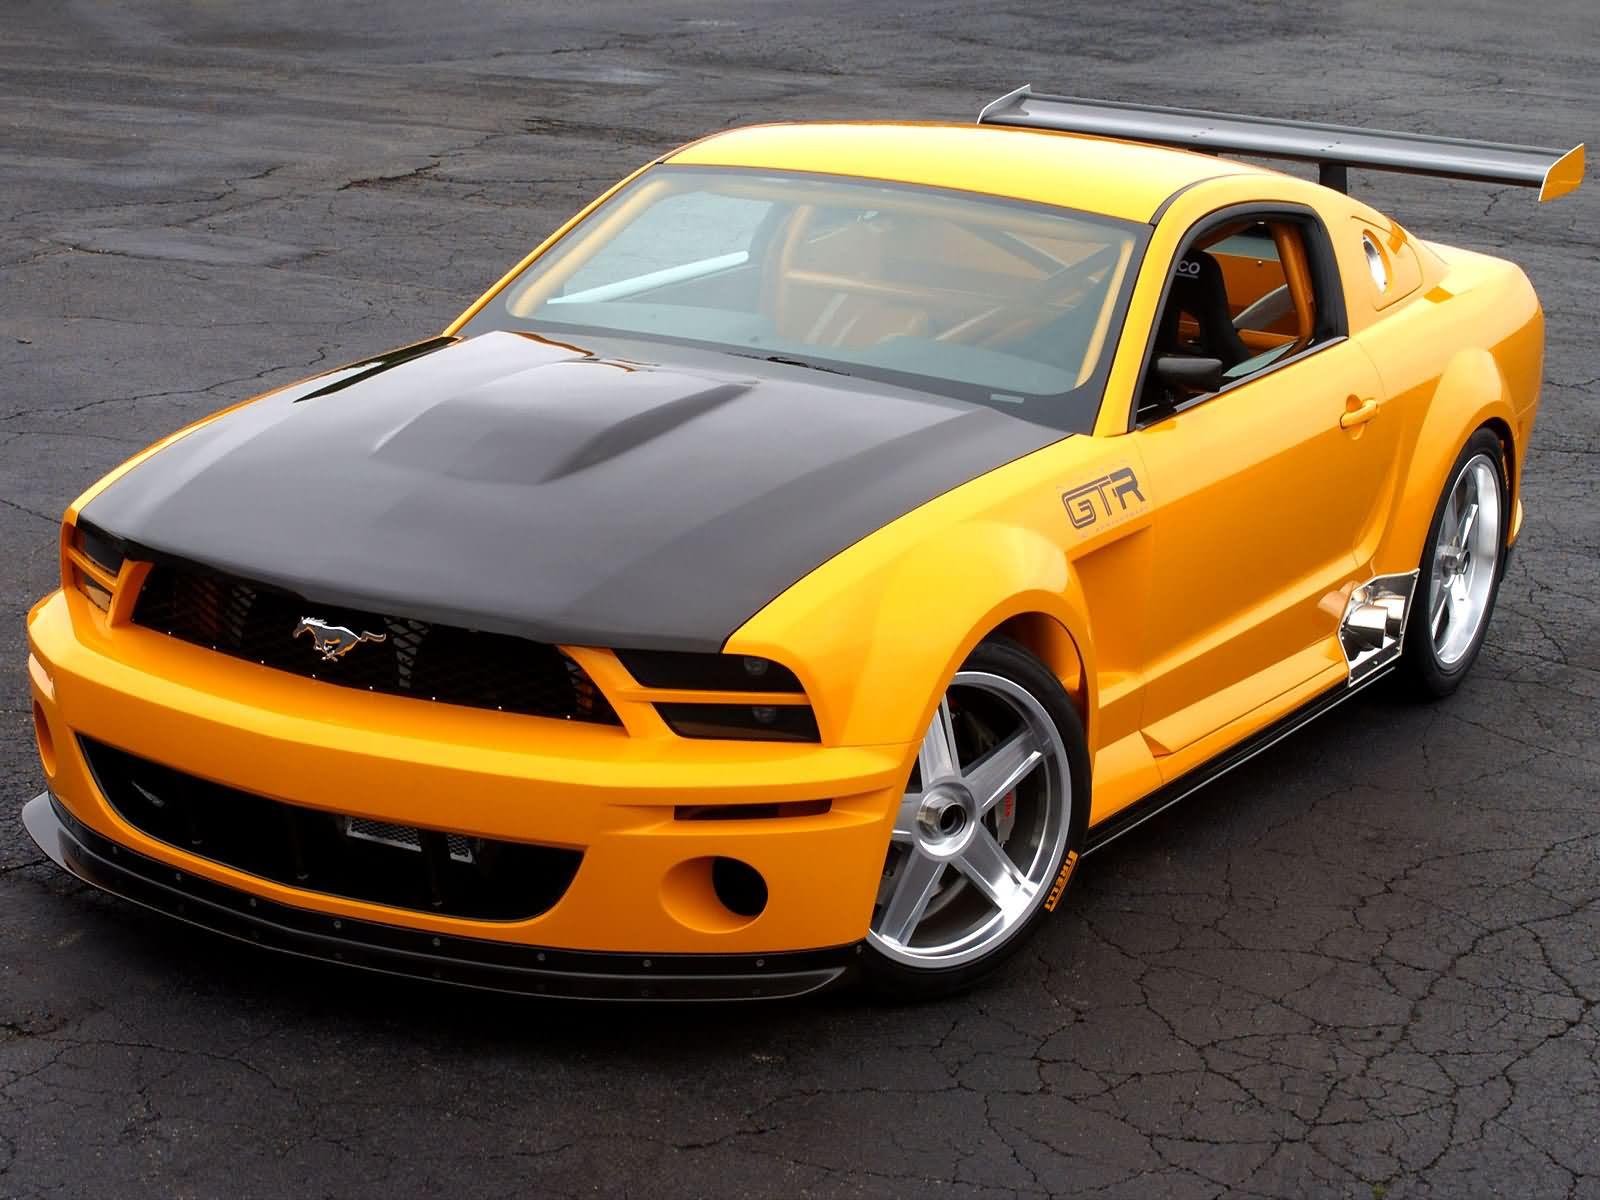 Mustang Gt Car Review